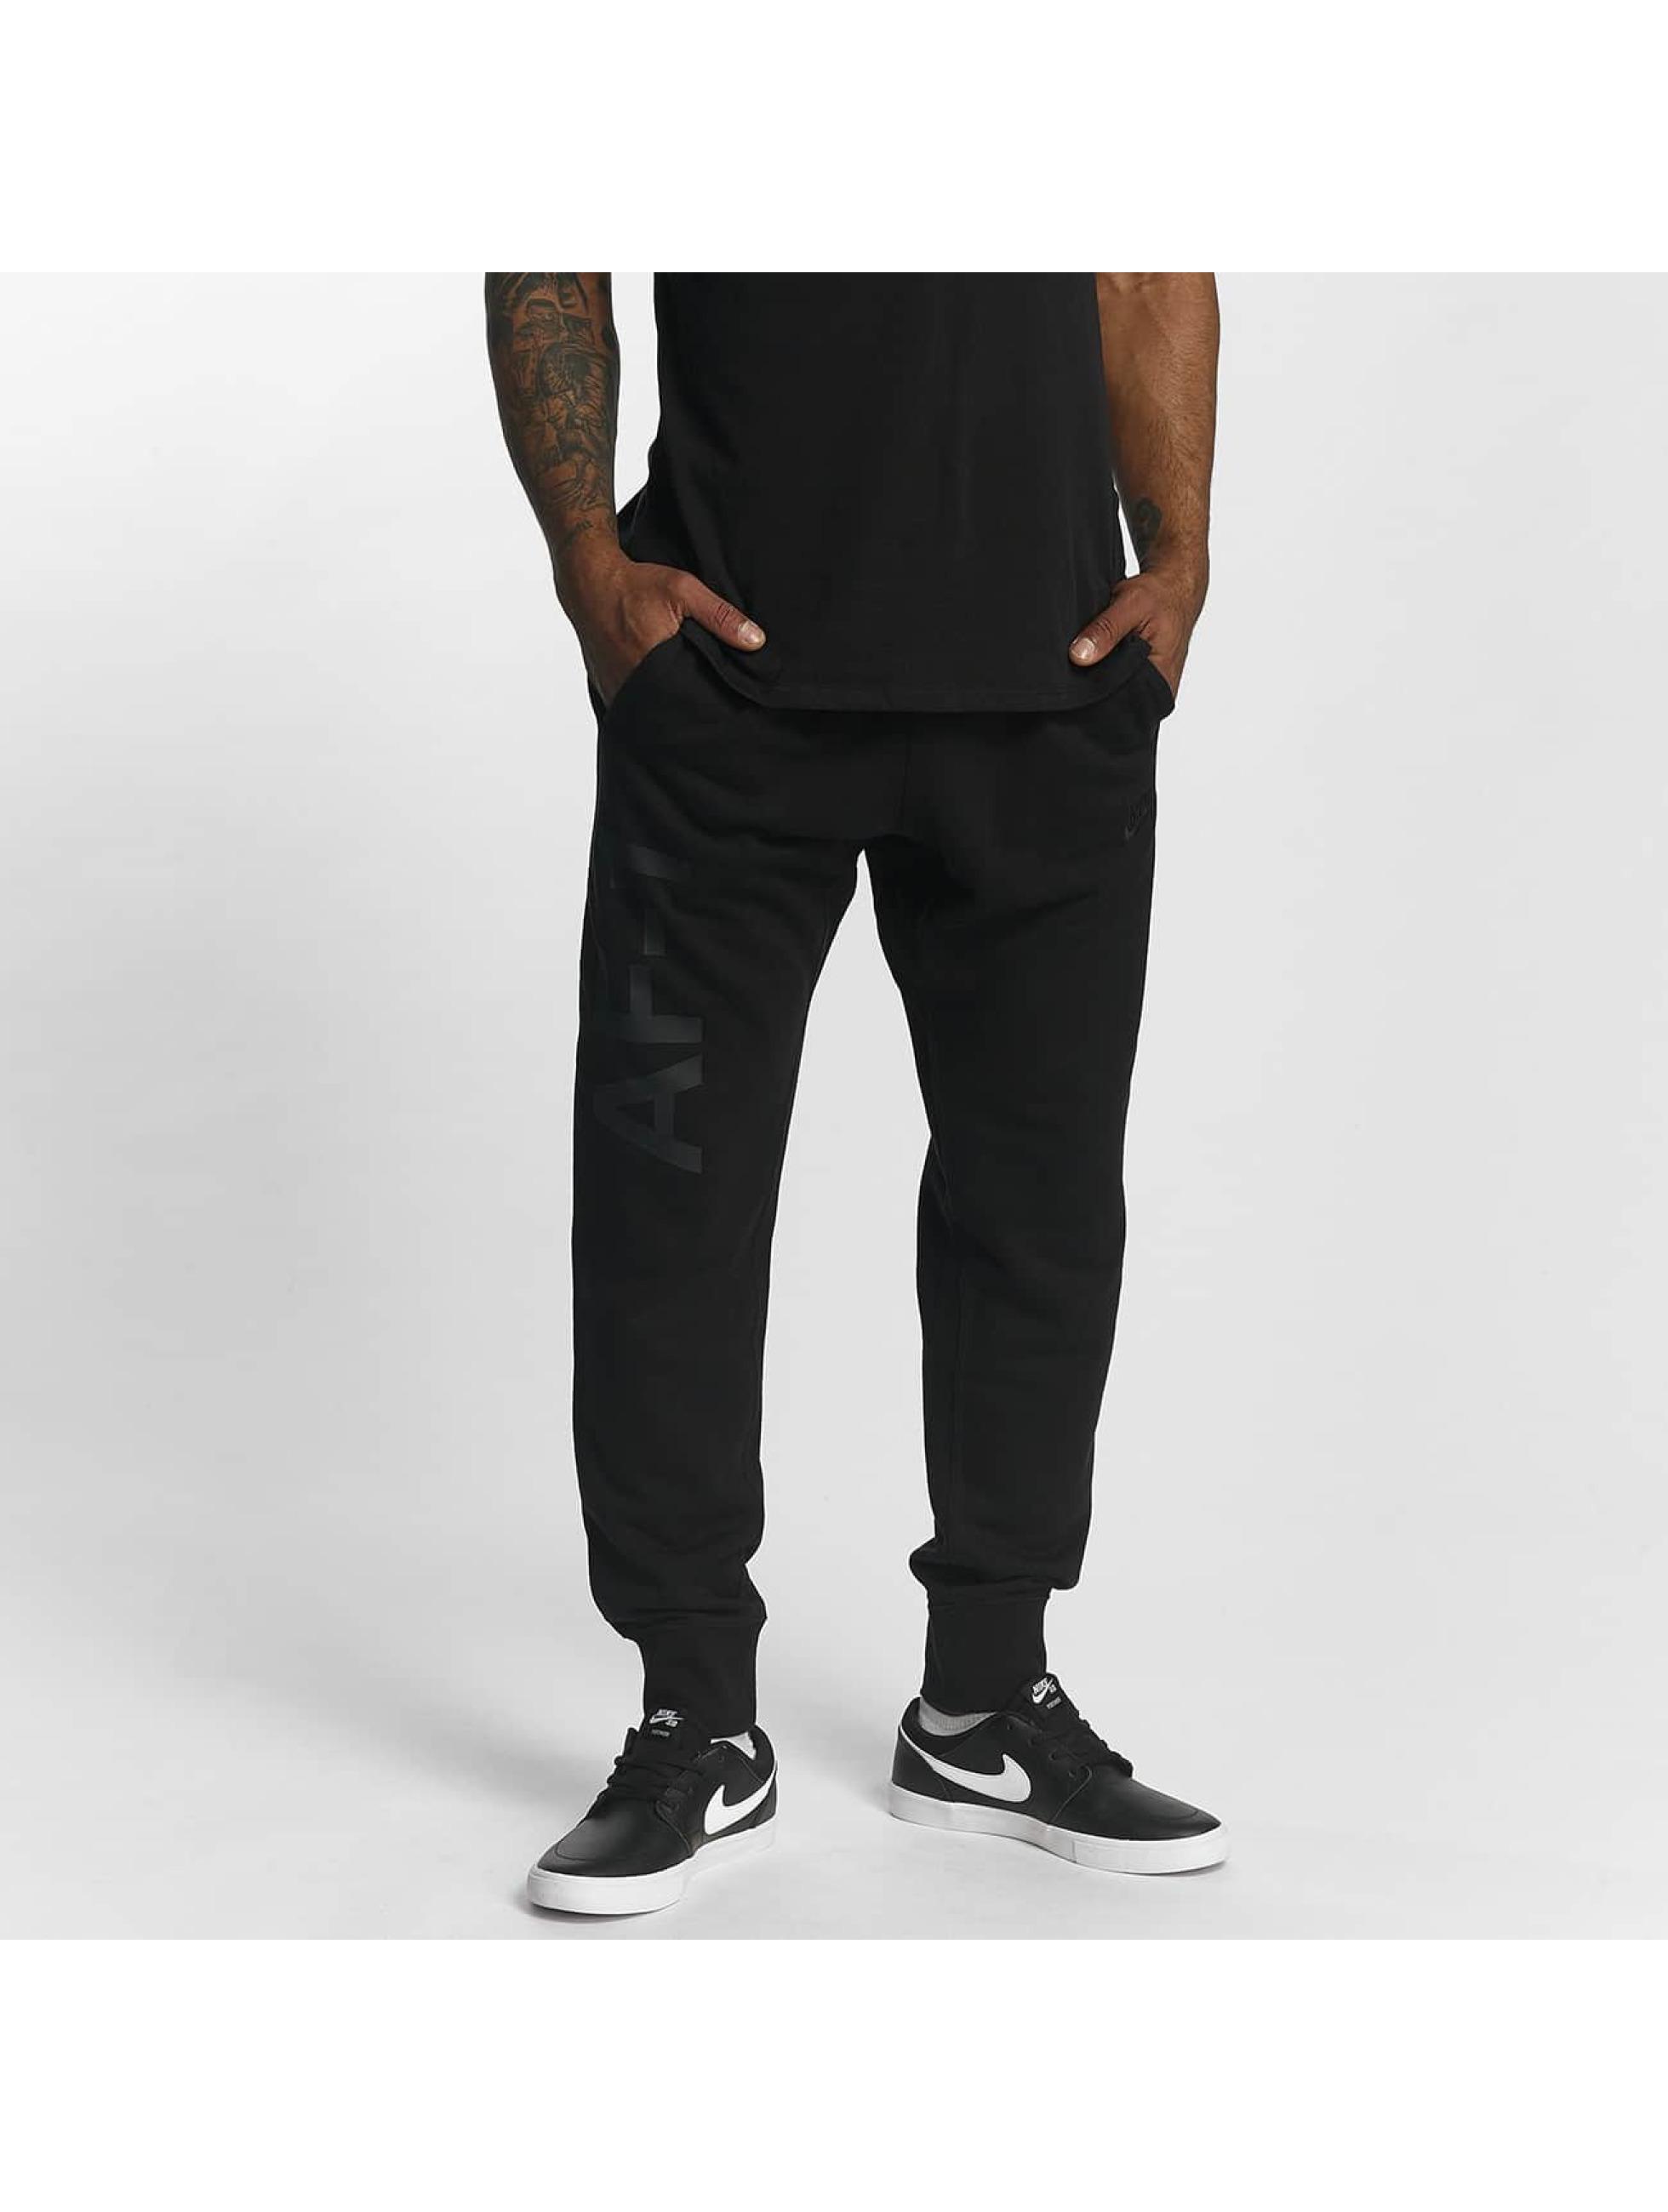 Nike Männer Jogginghose NSW AF1 in schwarz